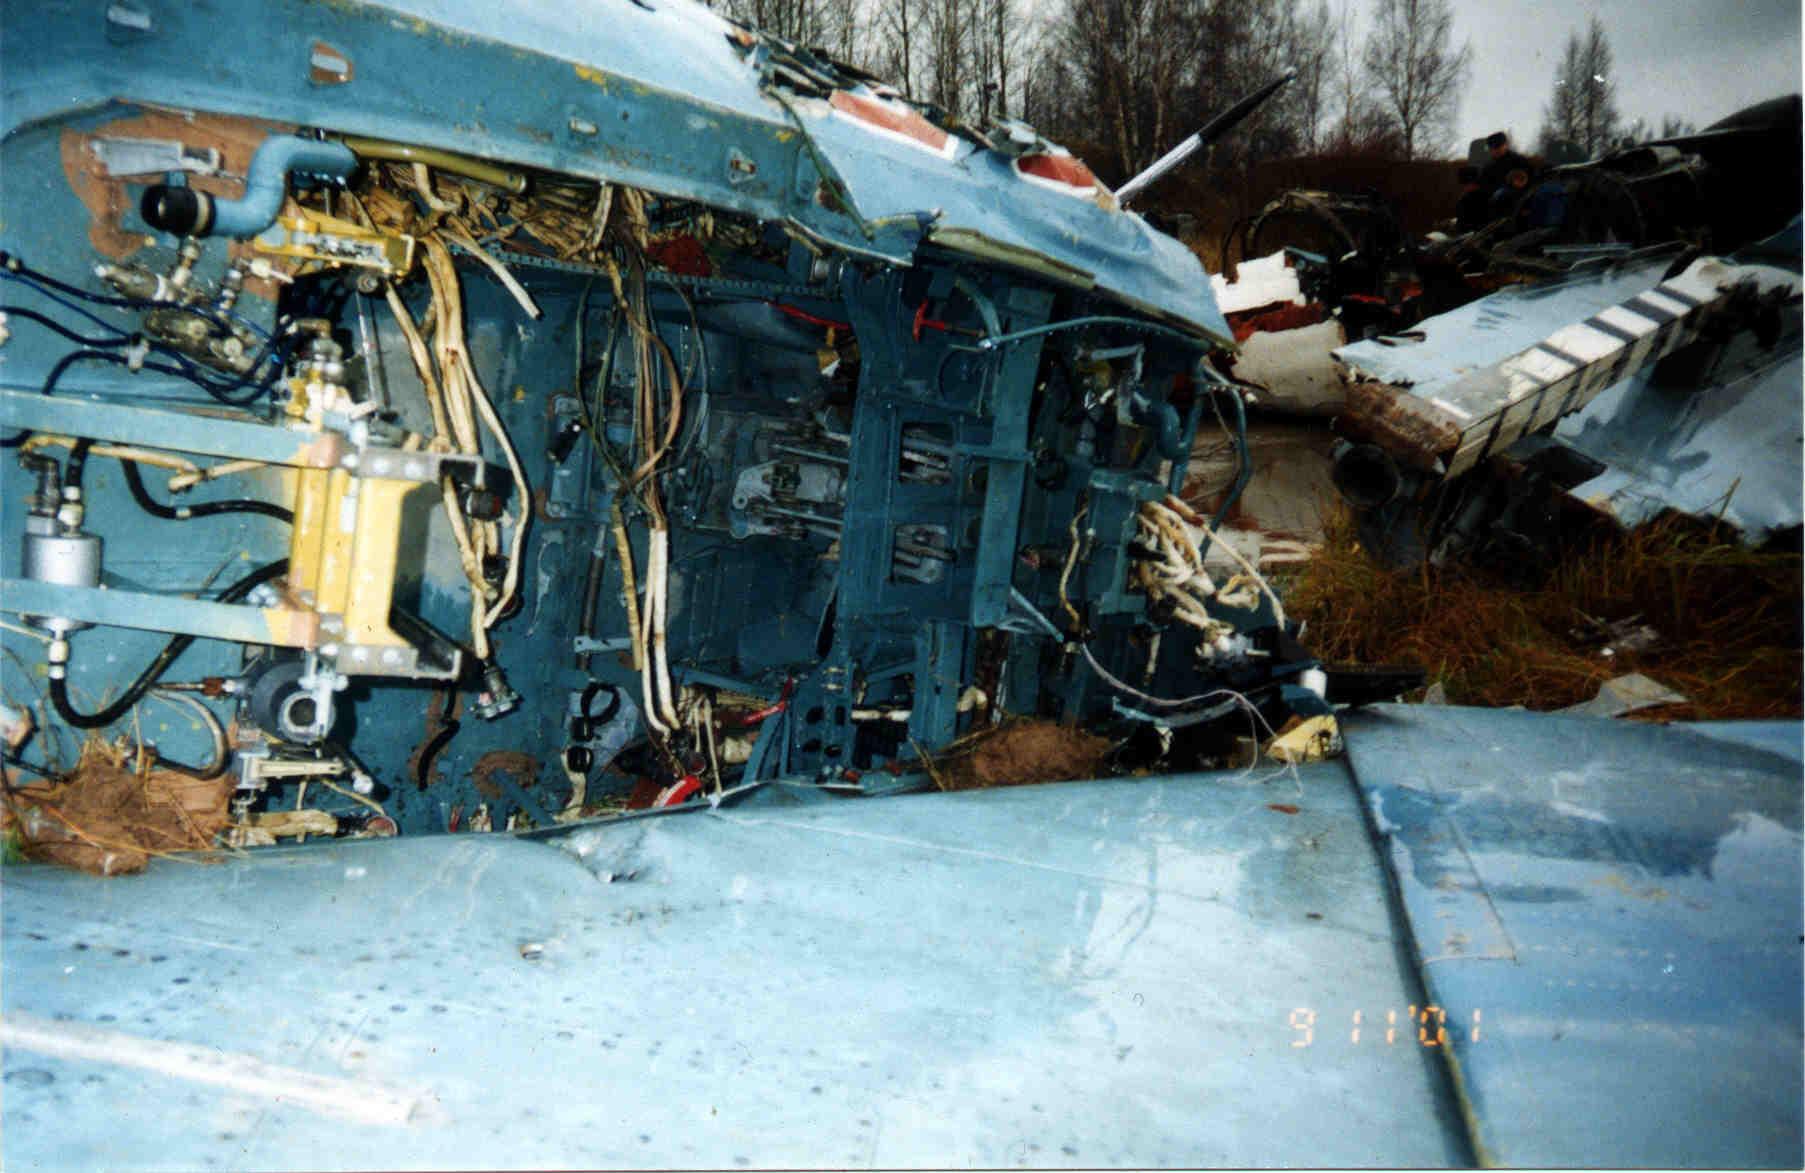 Обломки самолёта Тимура Автандиловича Апакидзе пос ле катастрофы